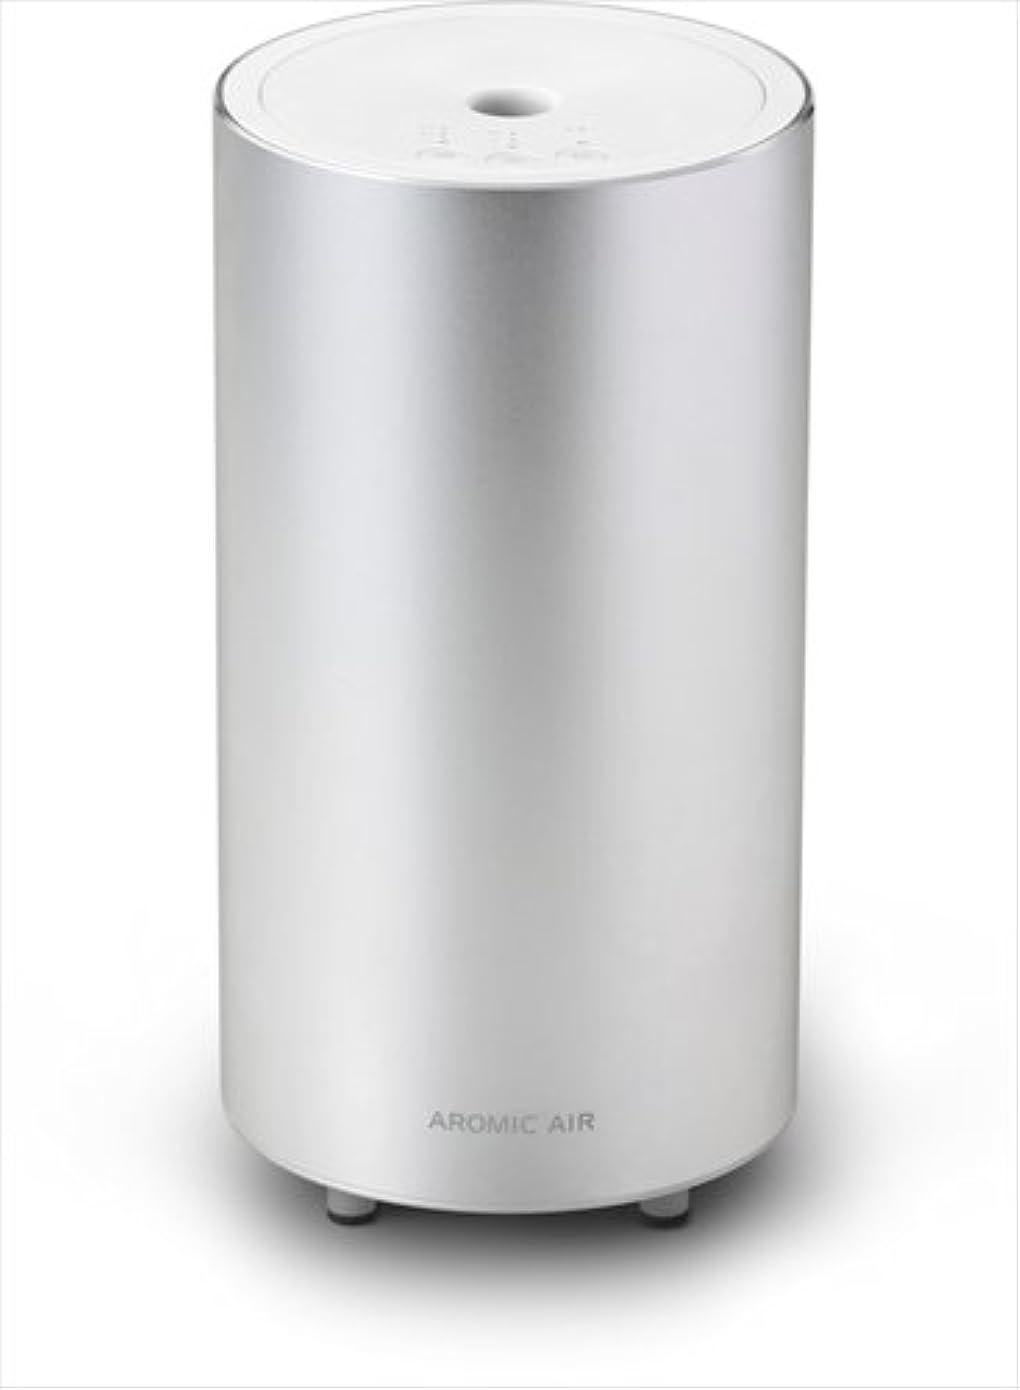 冷蔵庫石化するブリーフケースAROMASTAR(アロマスター)気化式アロマディフューザーアロミック?エアークール シルバー(100mlビン付き)